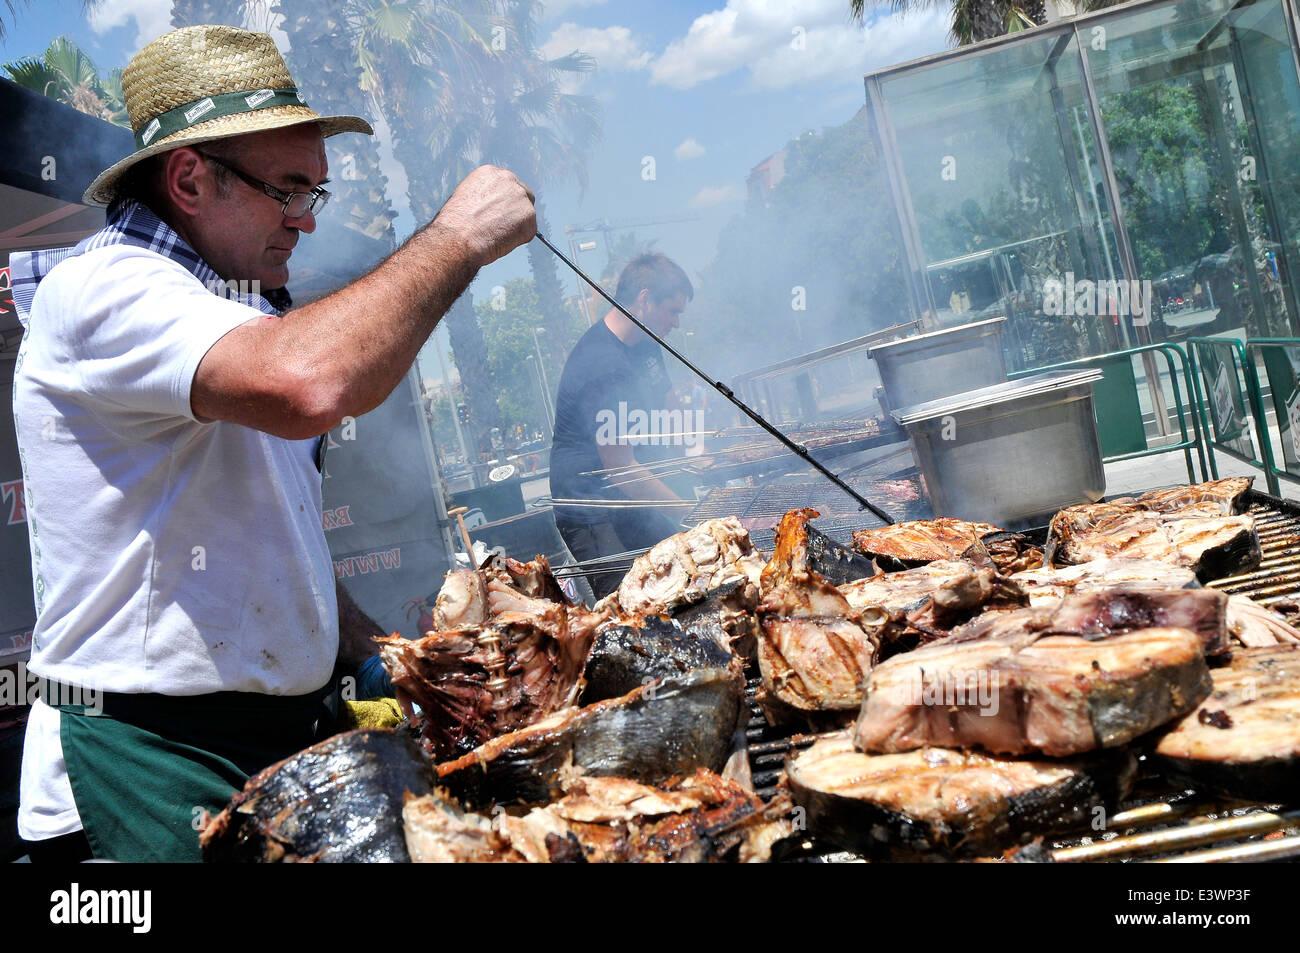 Mann, gegrillten Fisch auf der Straße für eine besondere Veranstaltung über Euskadi Nordspanien Land Stockbild